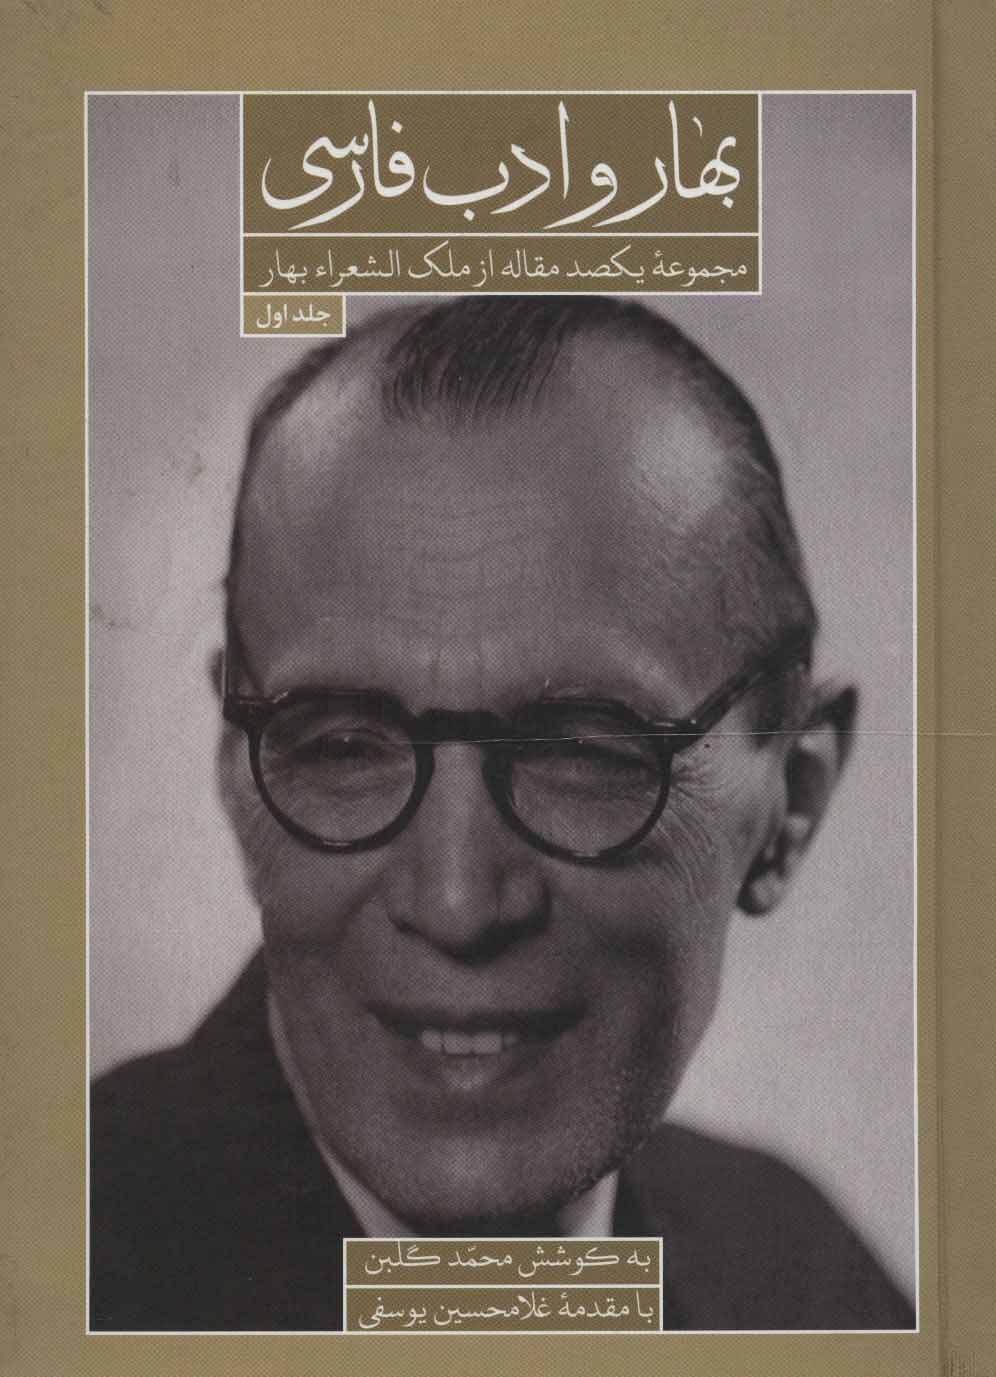 بهار و ادب فارسی (مجموعه یکصد مقاله از ملک الشعراء بهار)،(2جلدی)